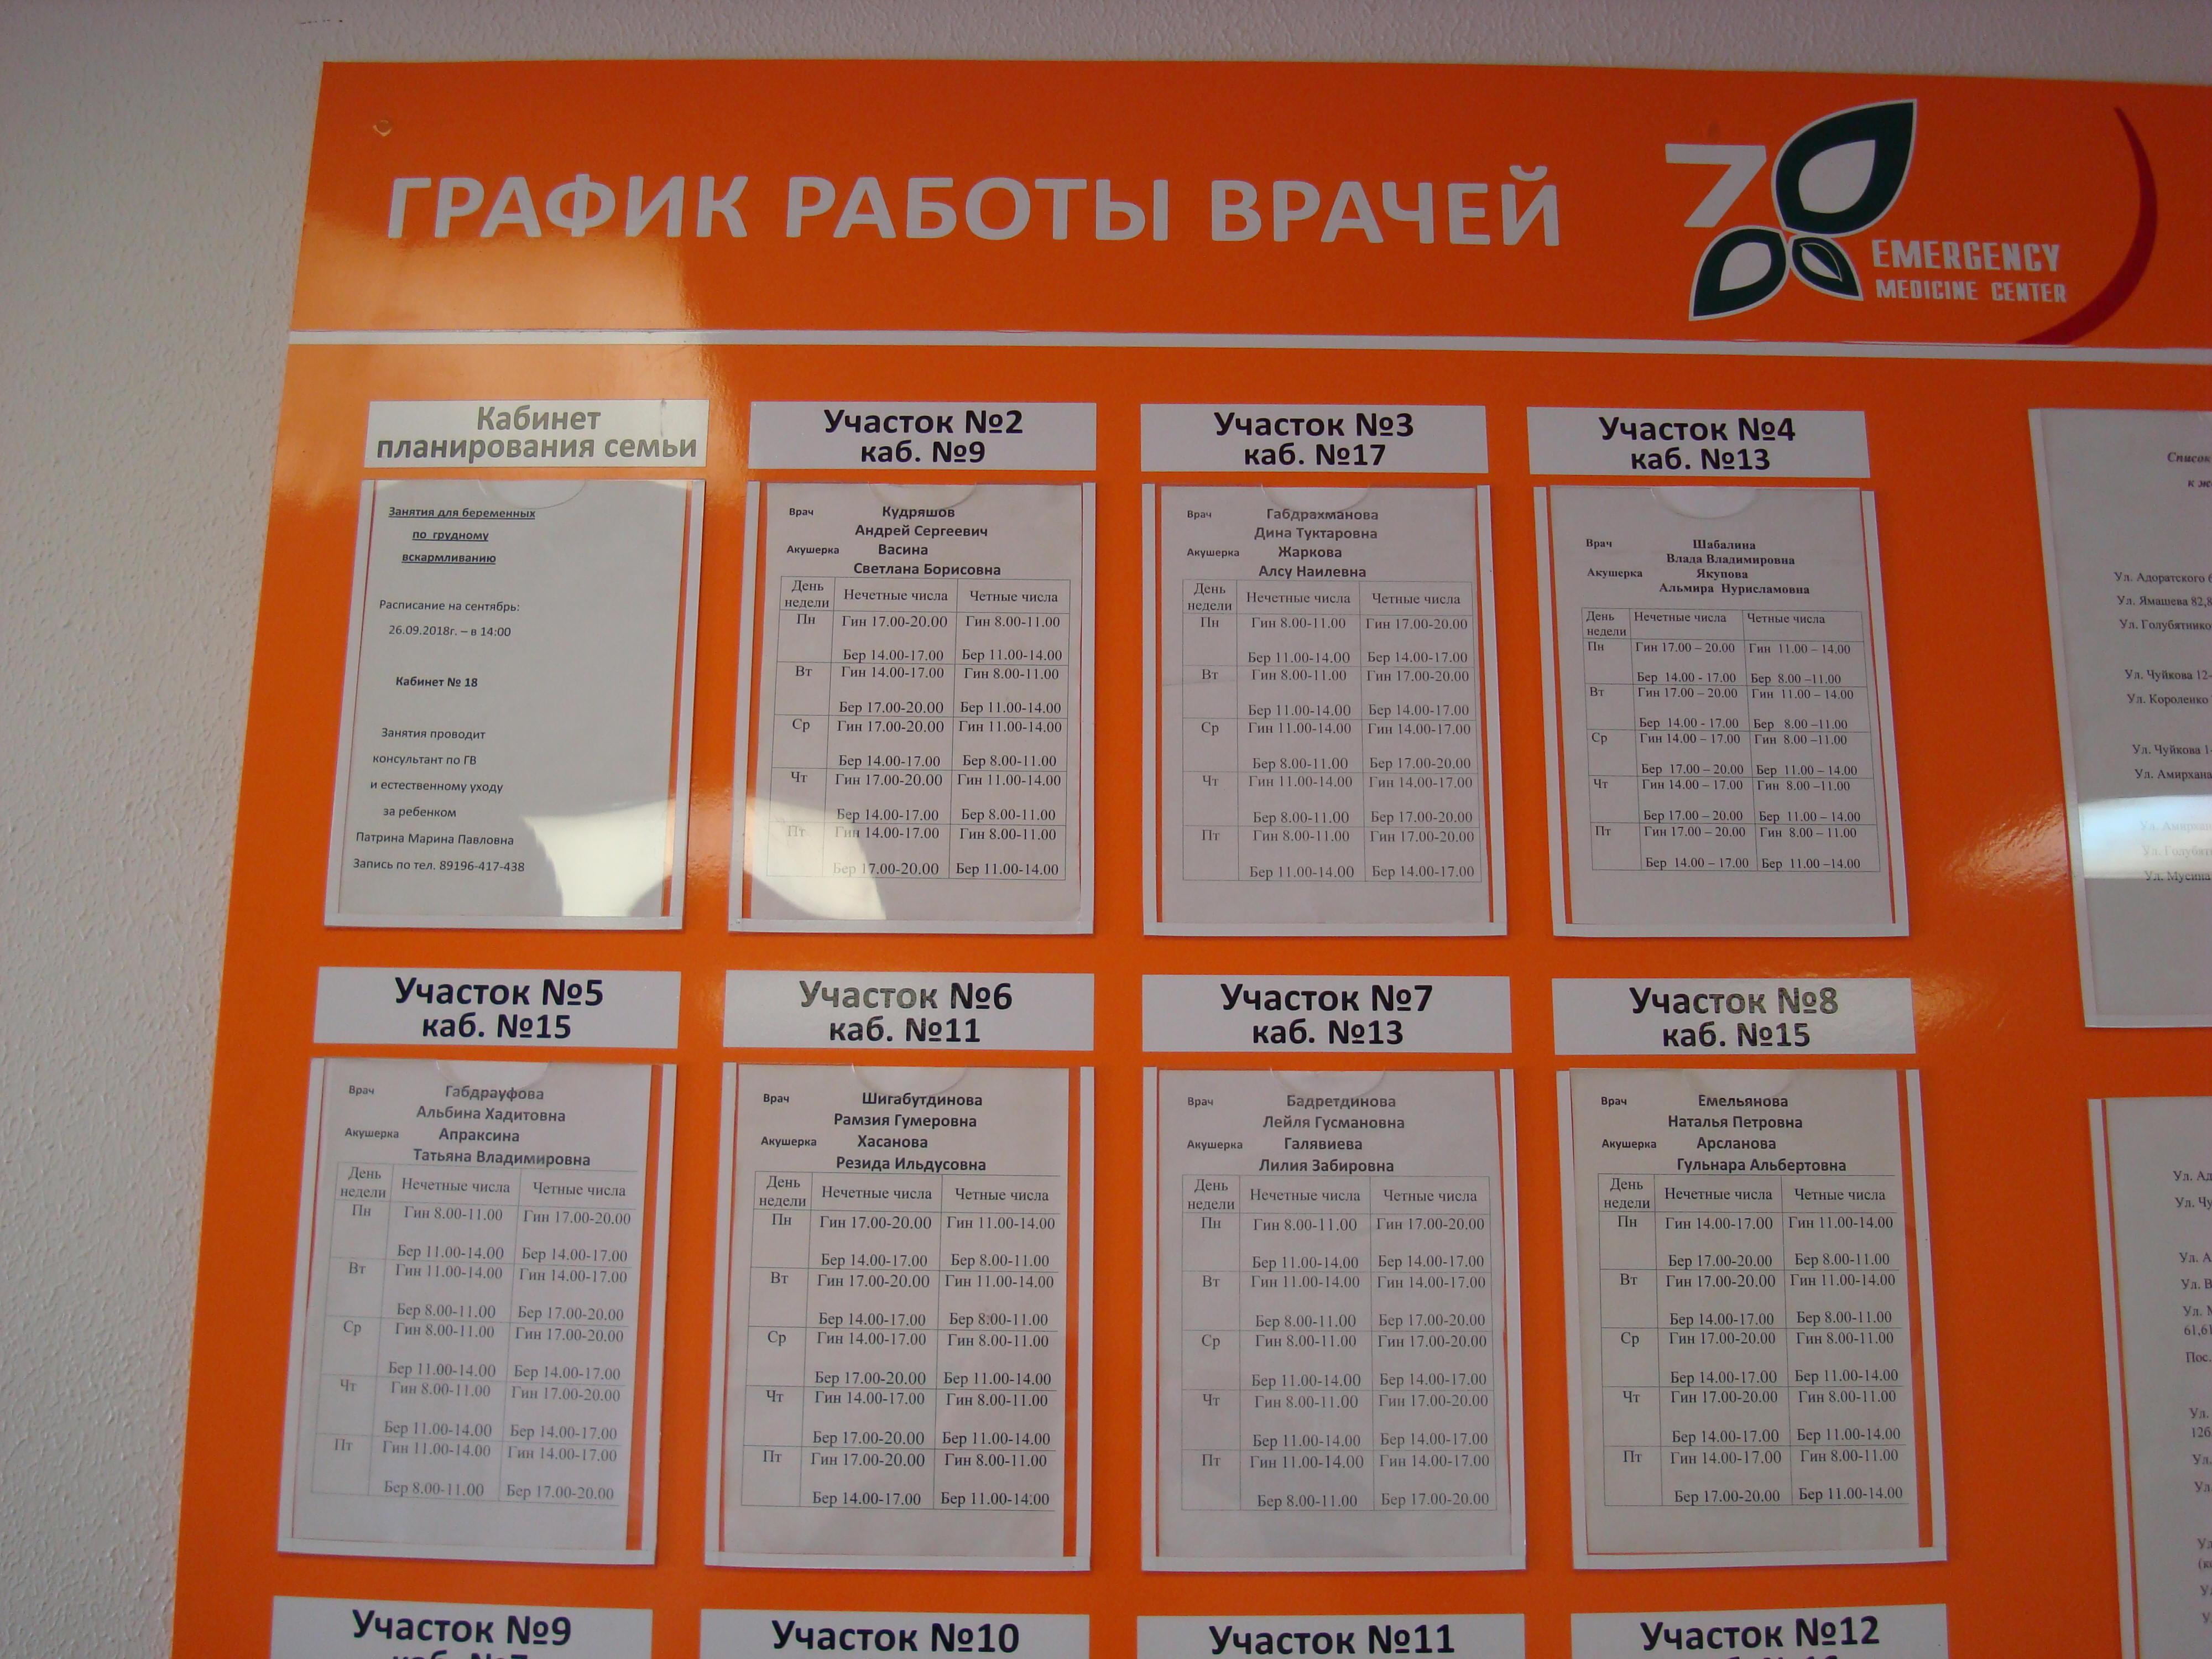 женская консультация №1 ул.Чуйкова д.56 расписание участков со 2 по 8